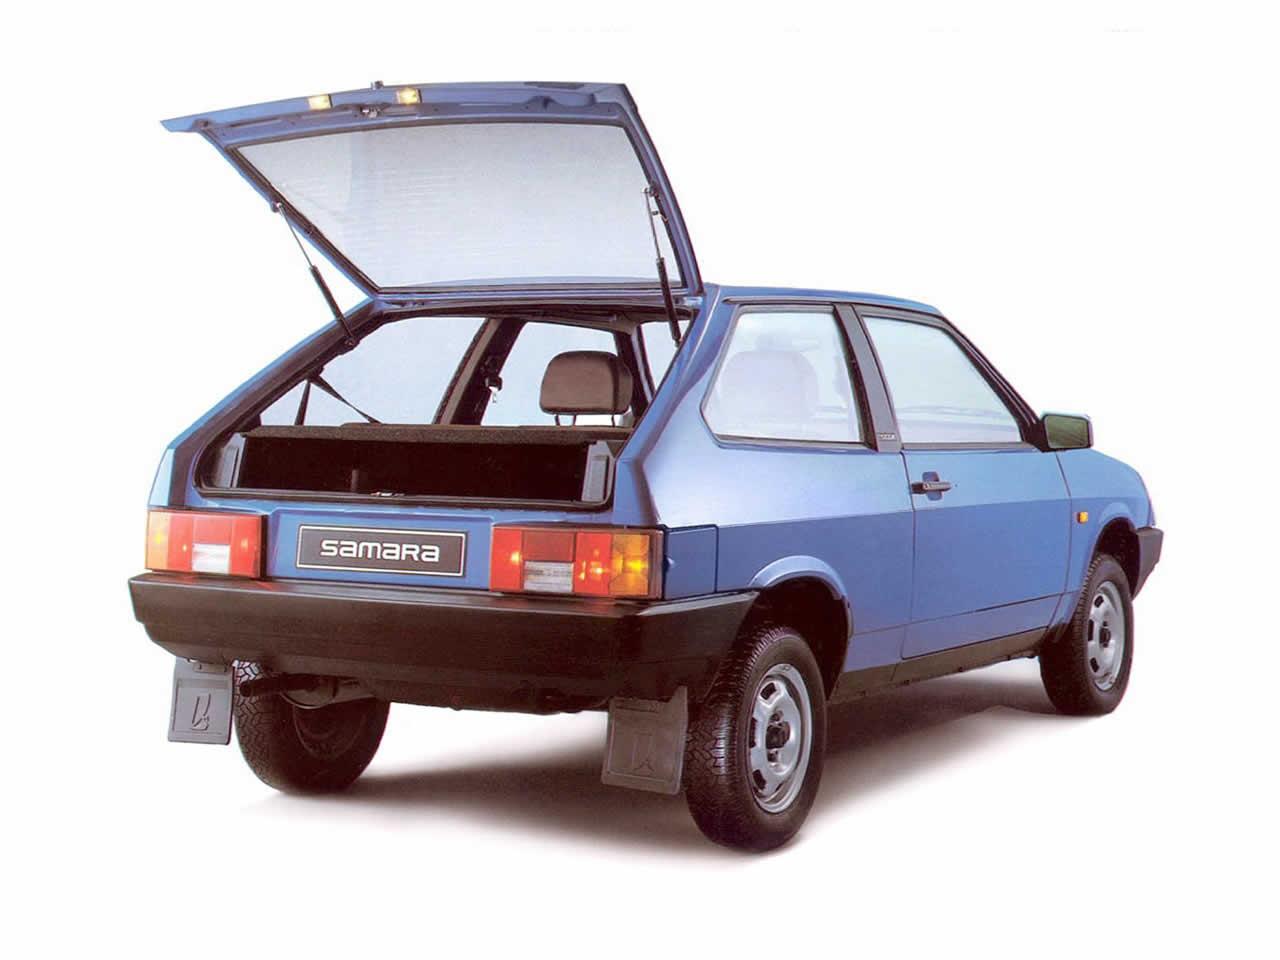 ВАЗ 2108 - вид сзади, багажное отделение